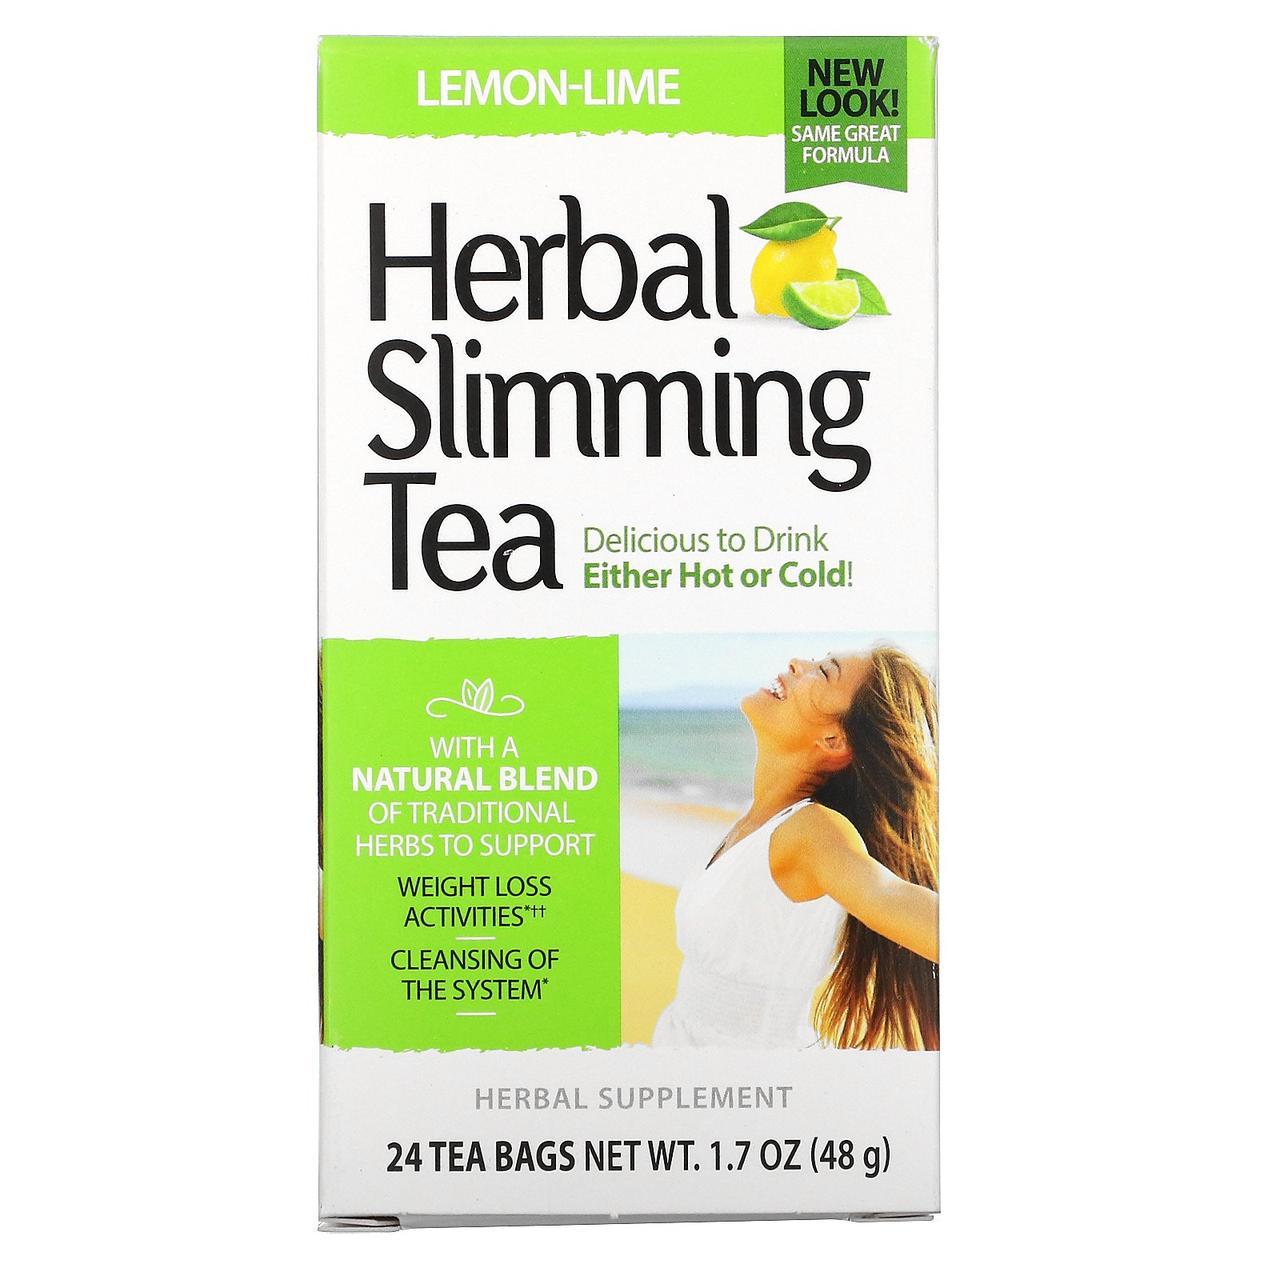 Зеленый чай для похудения с лимоном и лаймом, 21st Century Health Care, 24 пакетика, 45 грамм